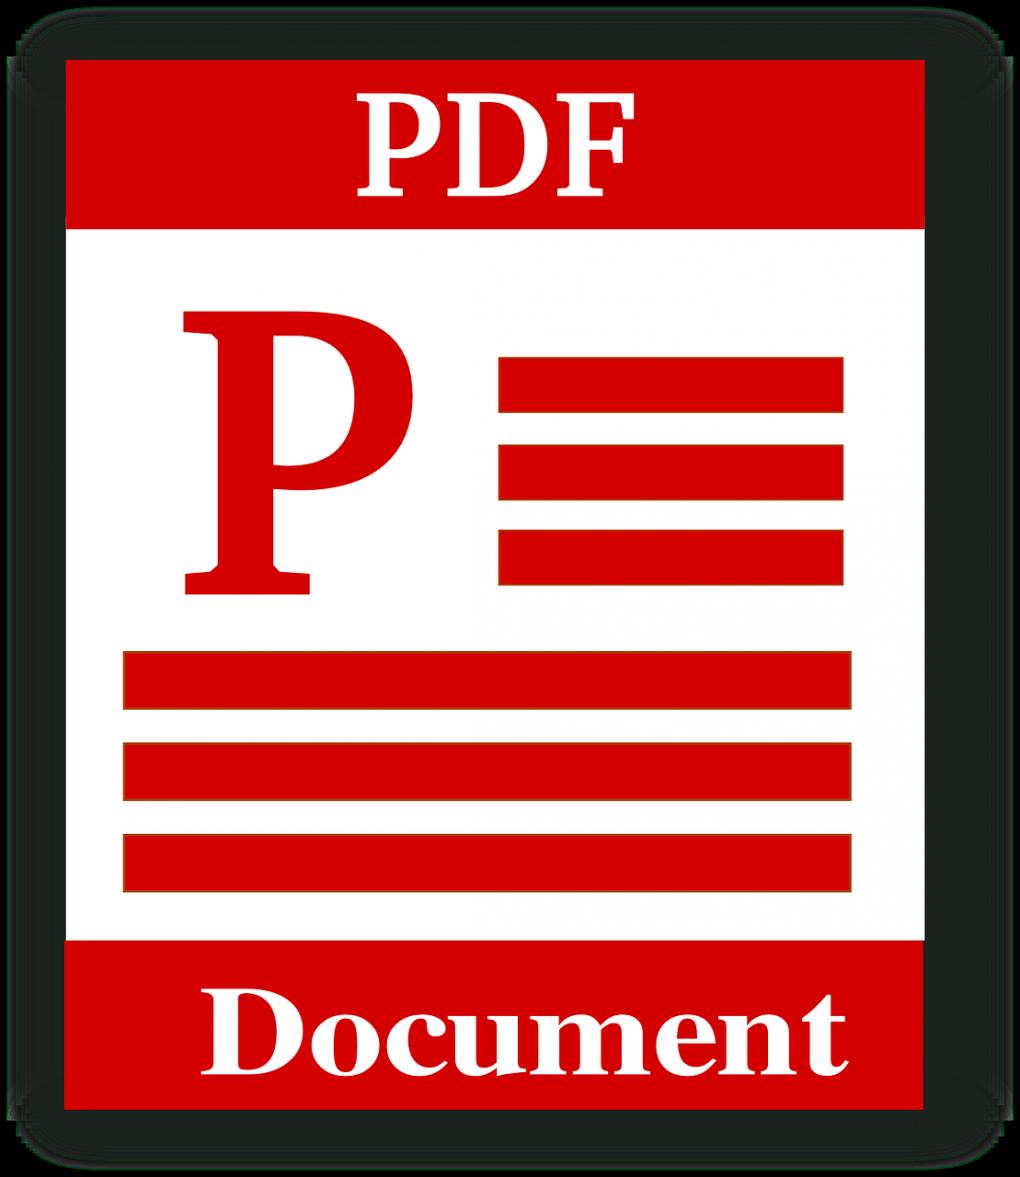 file-type-154870_1280